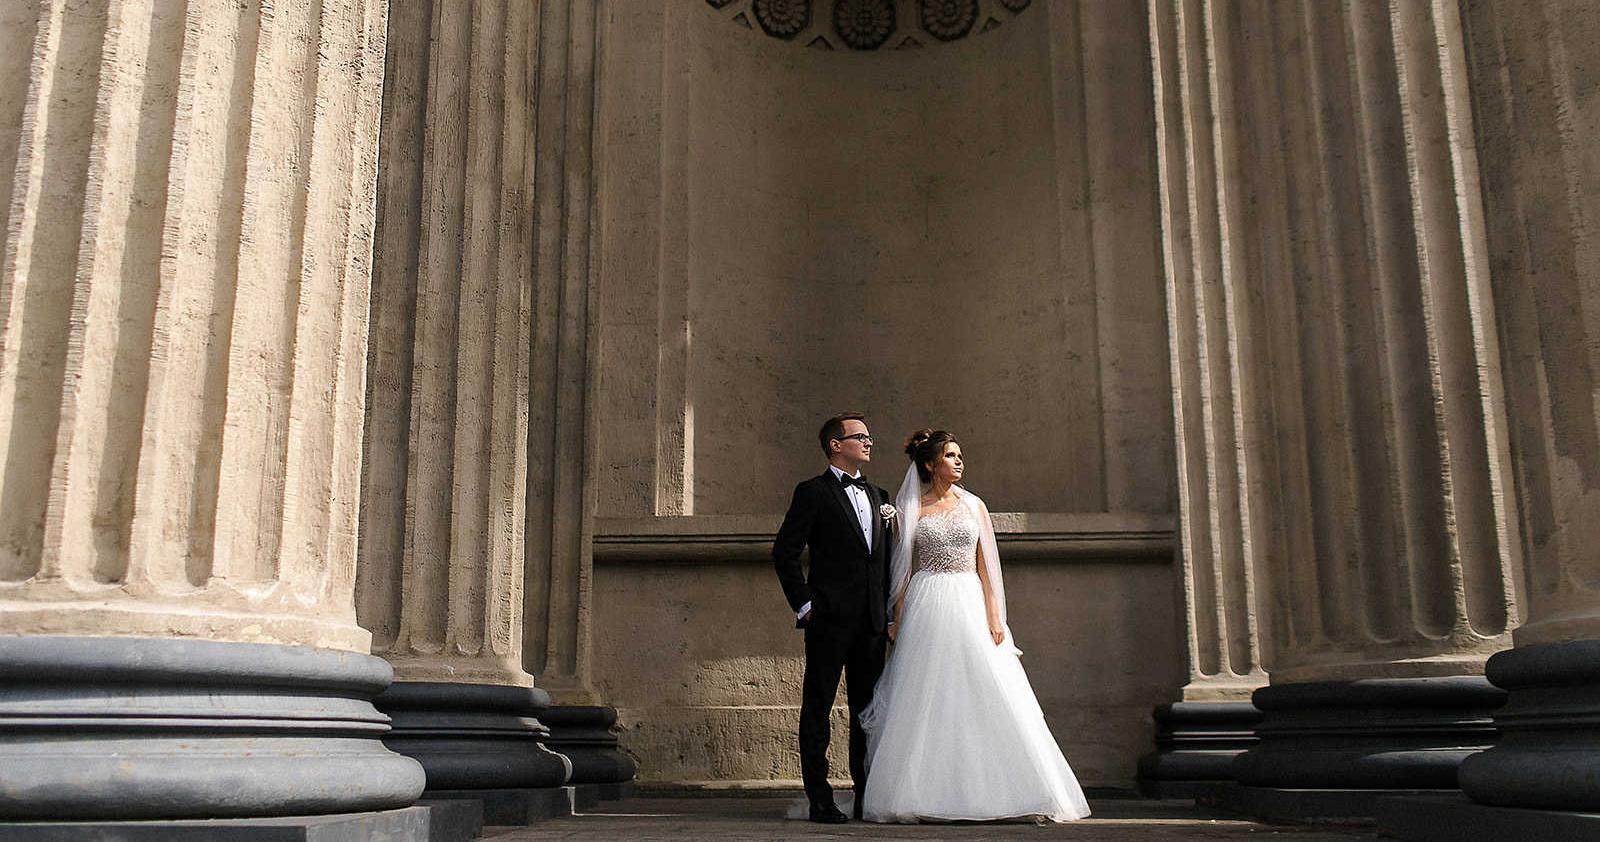 «Город, которого нет»: неоновая свадьба в Санкт-Петербурге